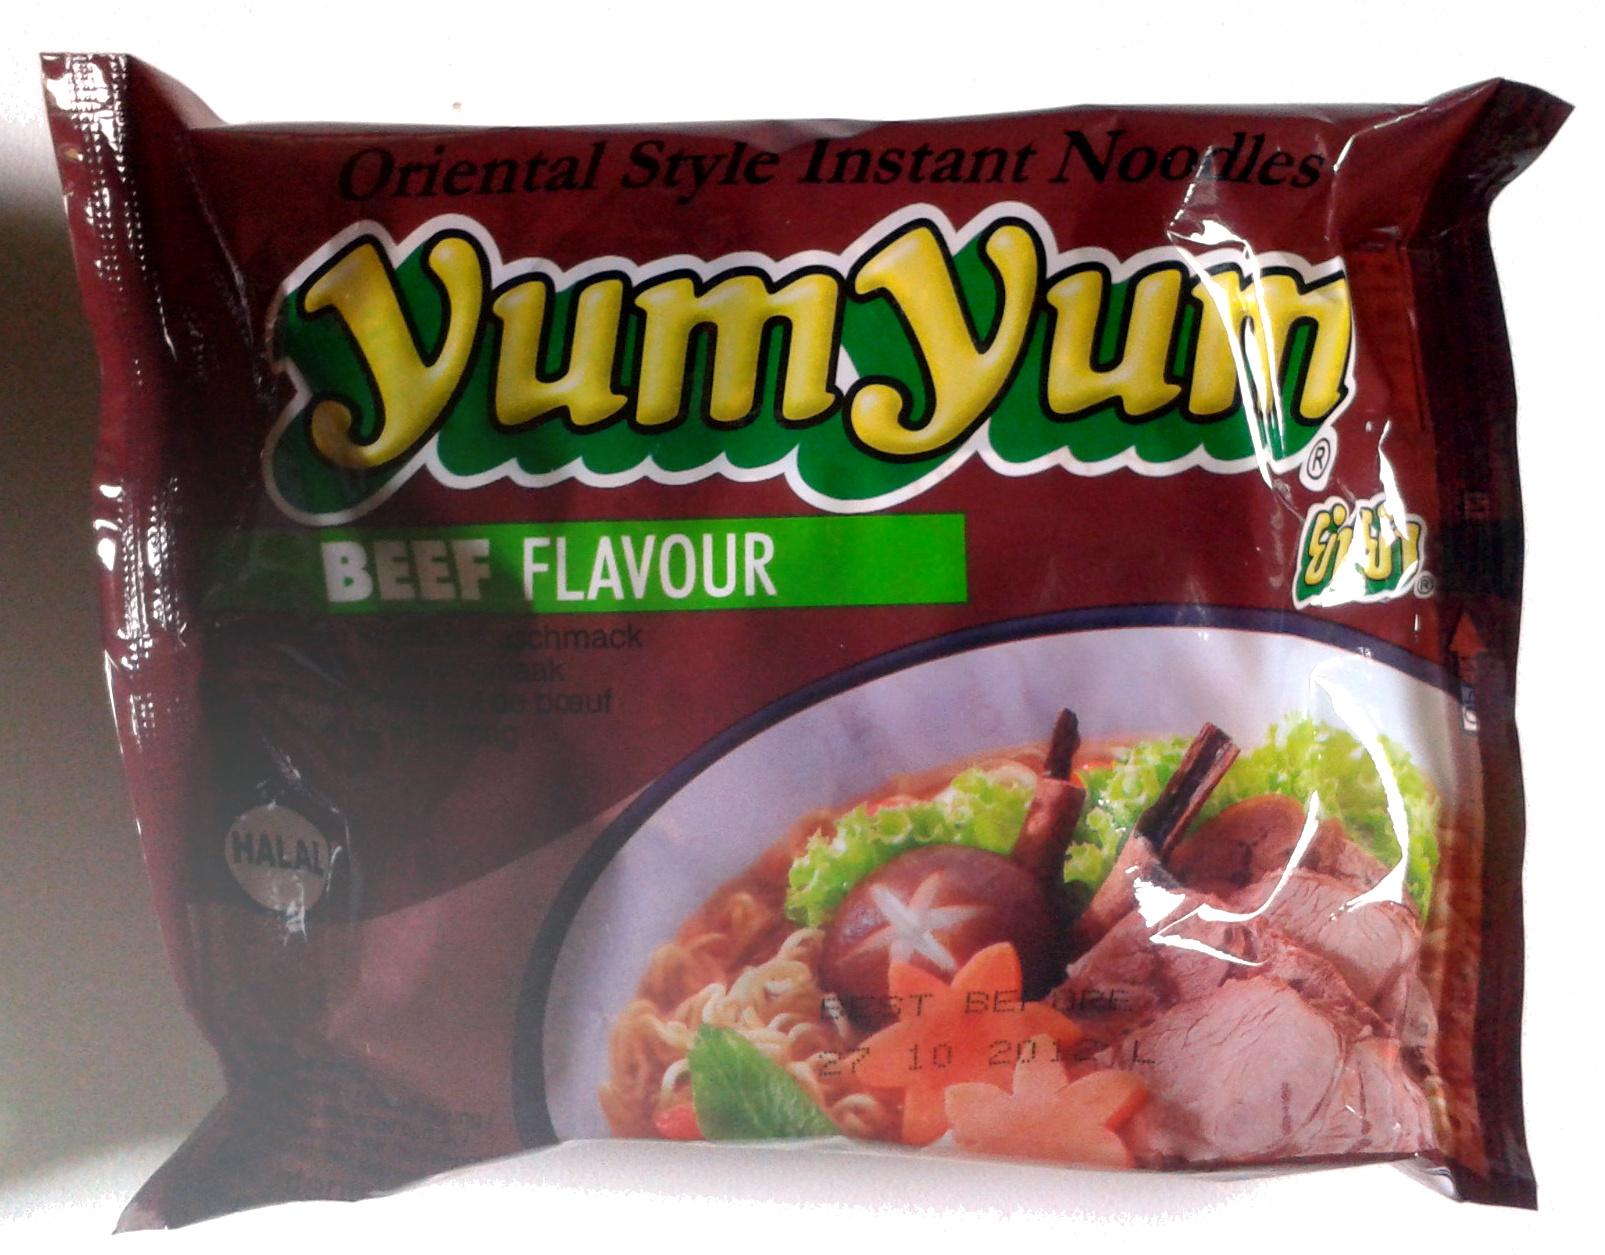 YumYum Asian Cuisine Beef Flavour - Produkt